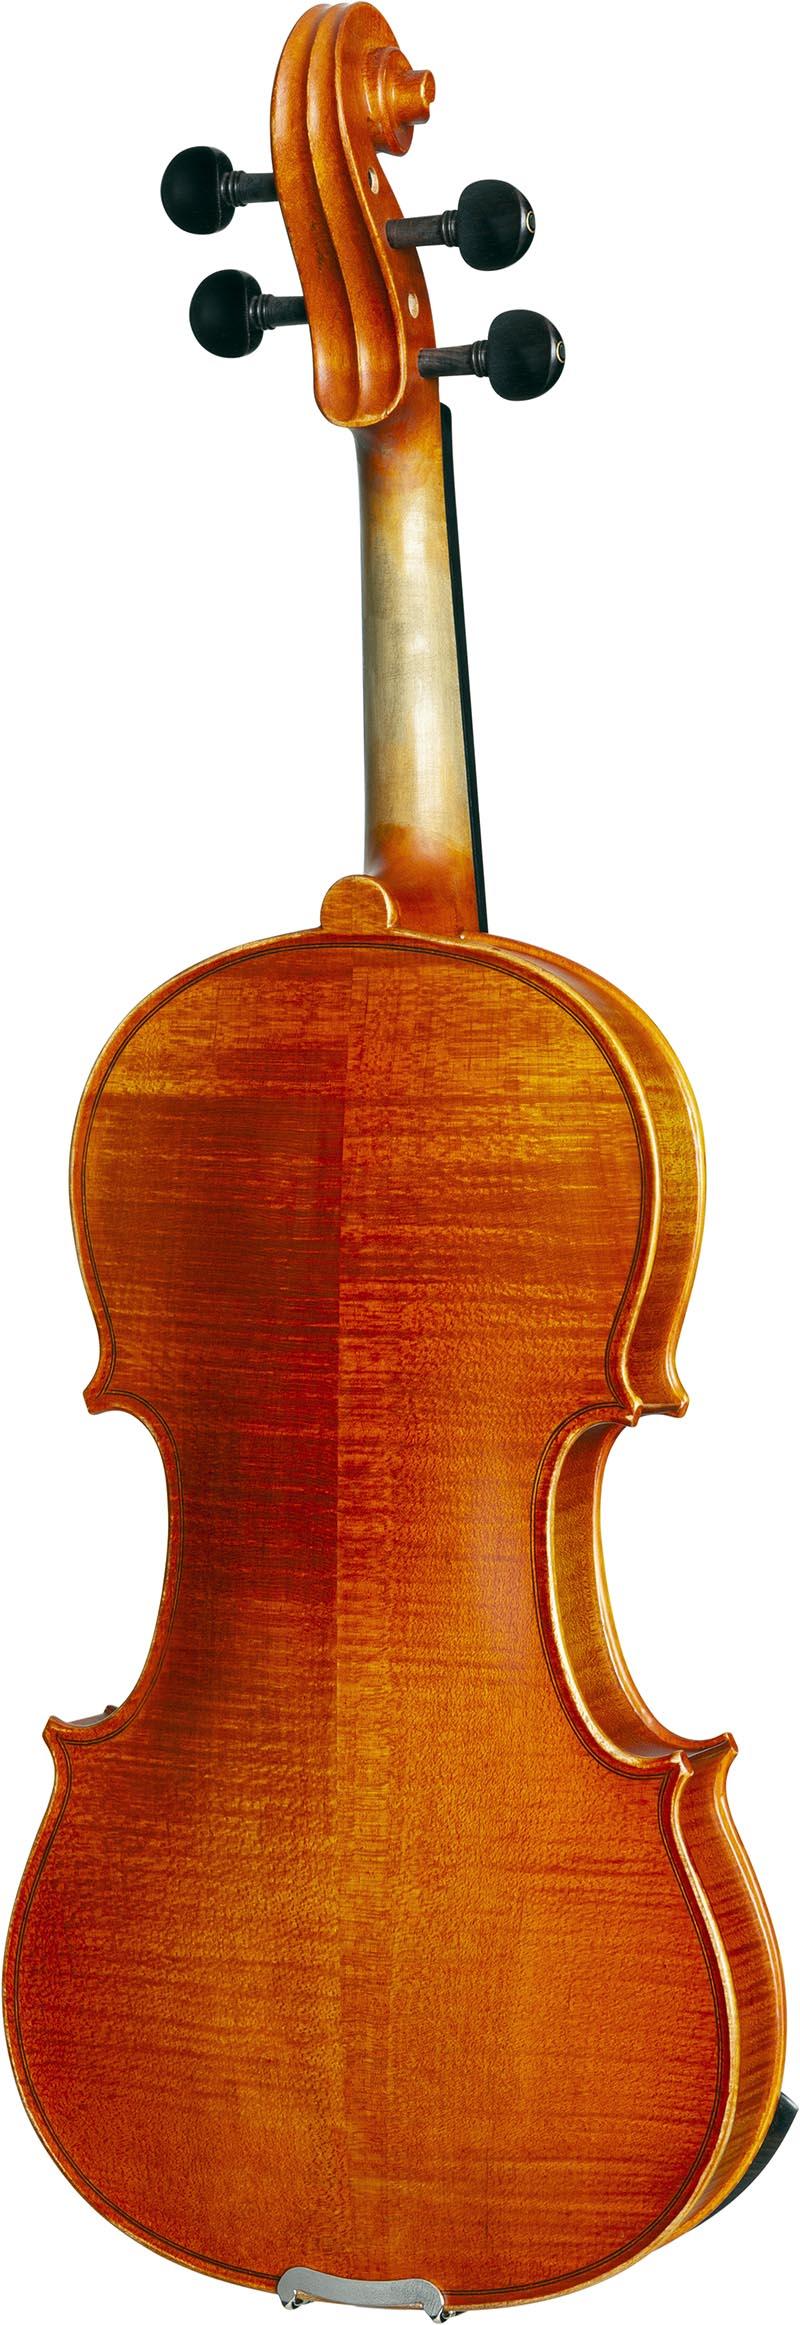 ve245 violino eagle ve245 visao posterior vertical